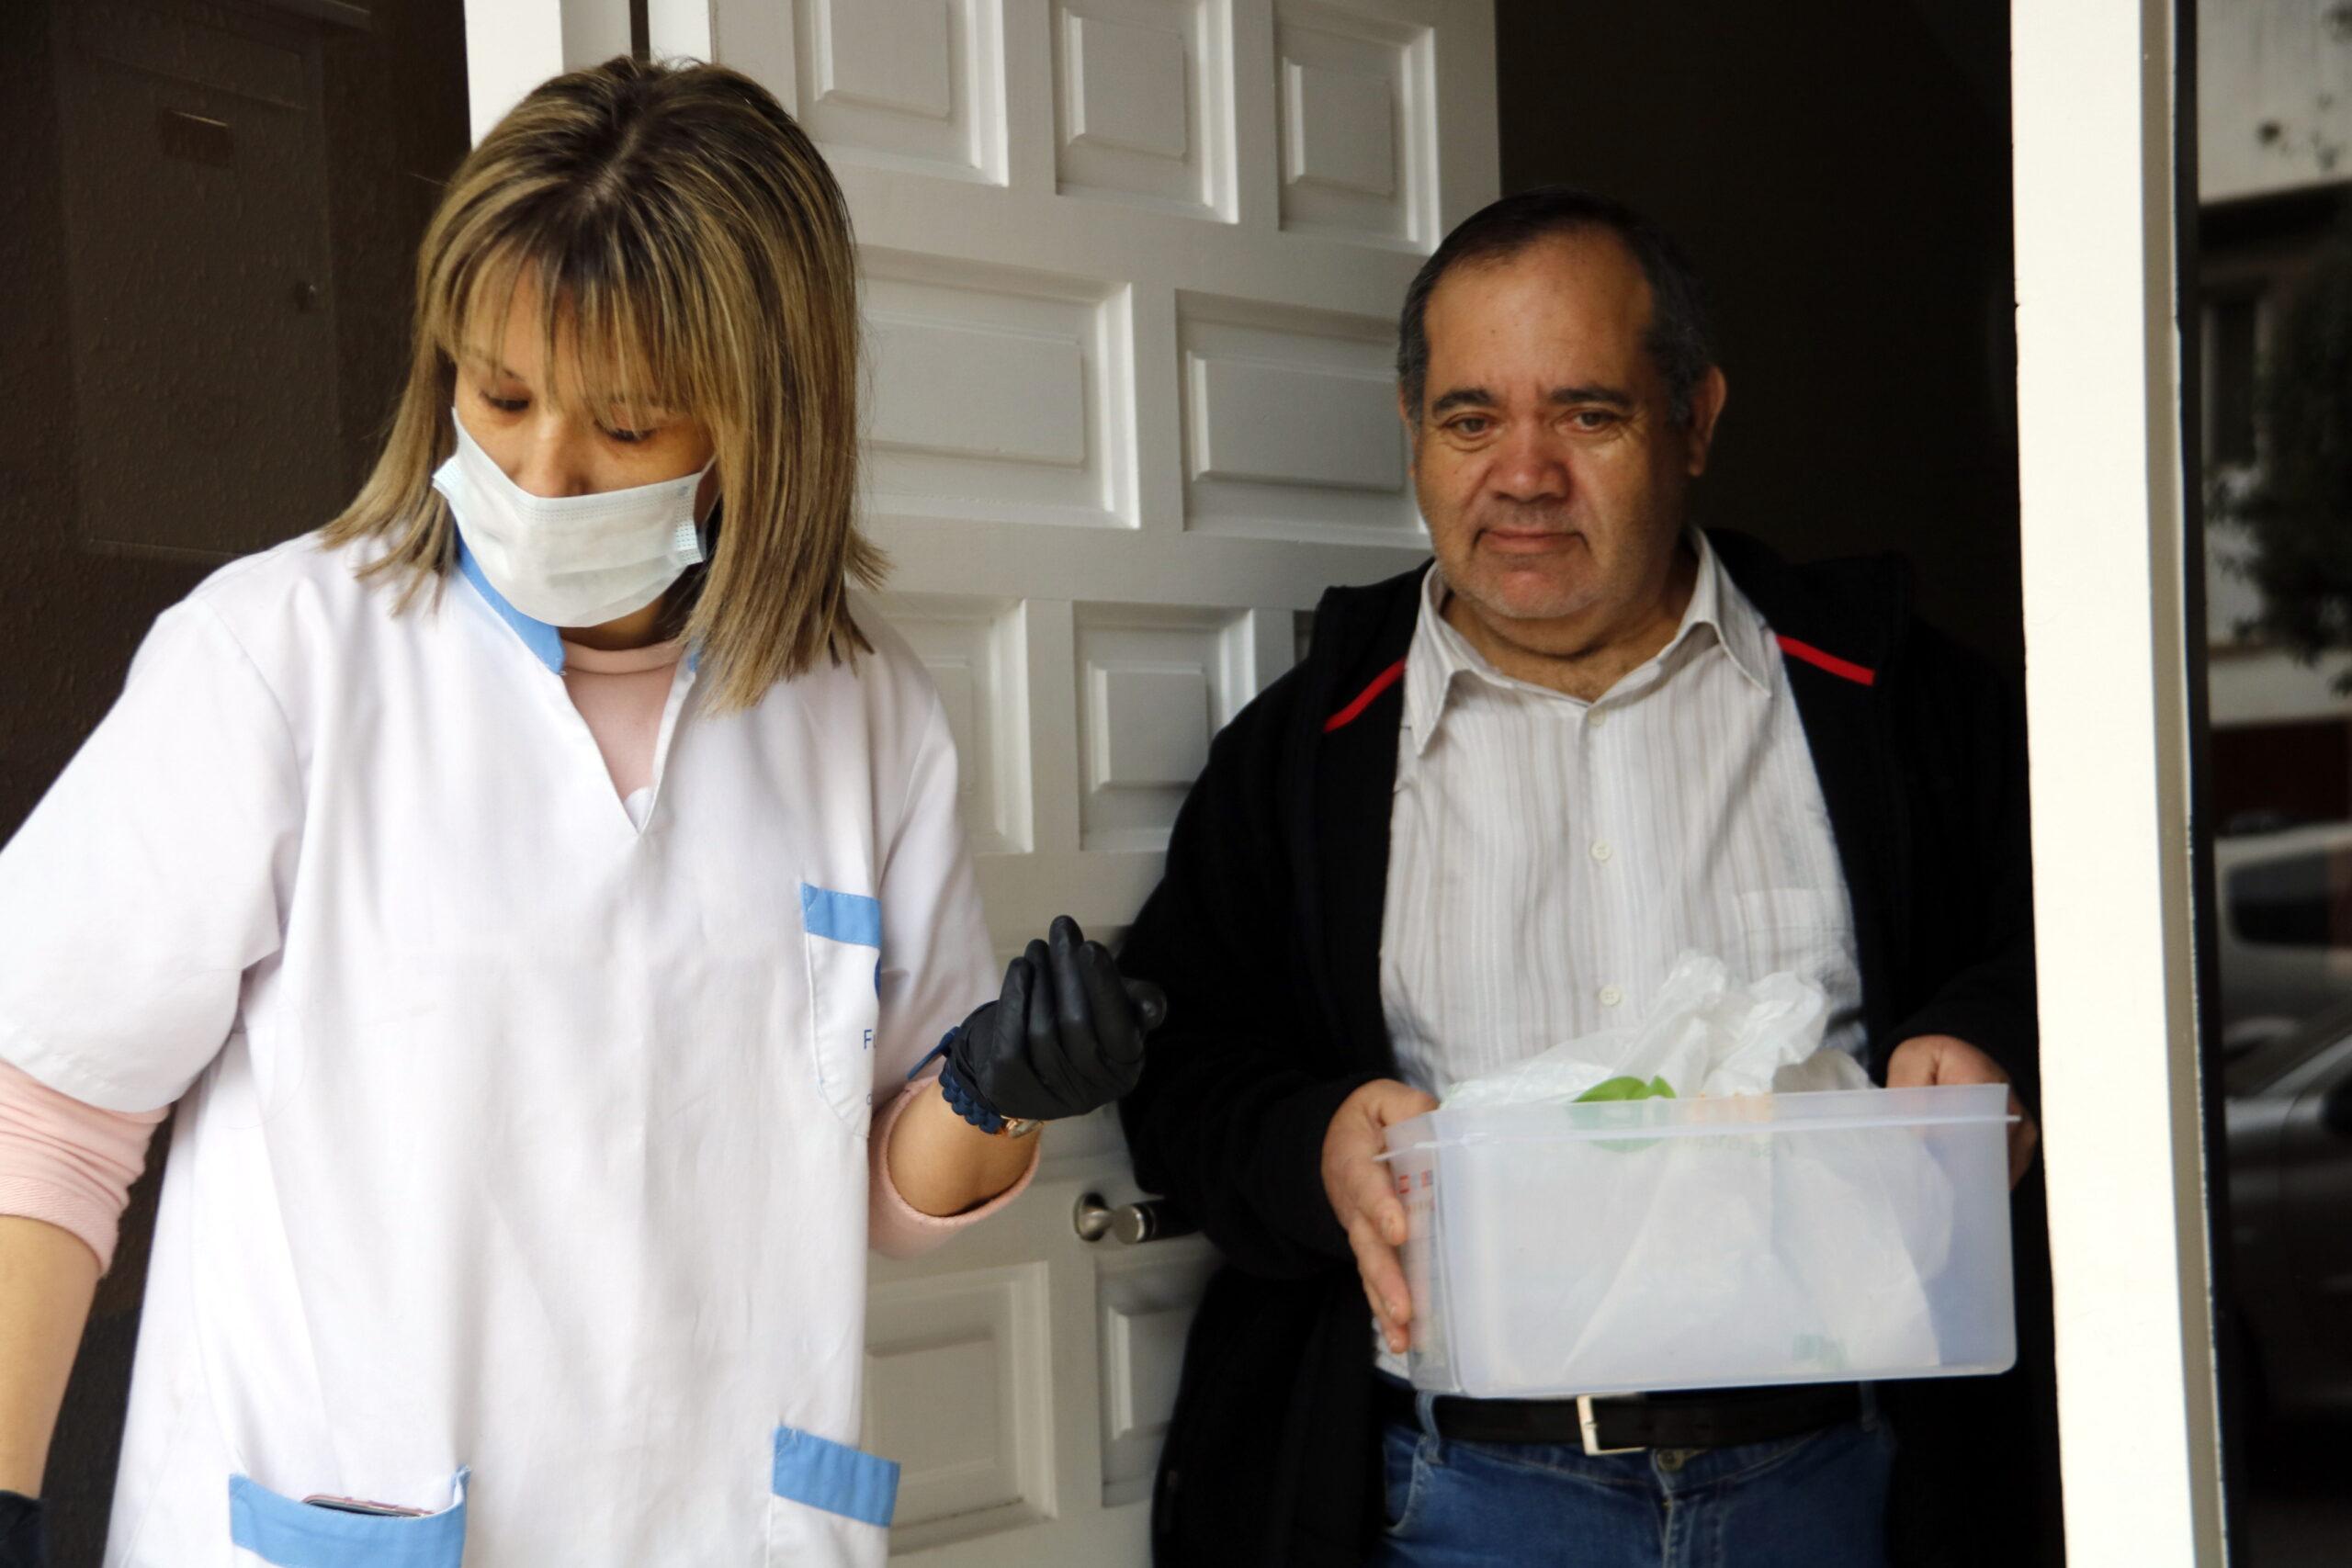 Pla mitjà on es pot veure un moment del repartiment de menjar preparat a domicili per la crisi del coronavirus, a Mollerussa, el 31 de març de 2020. (Horitzontal)